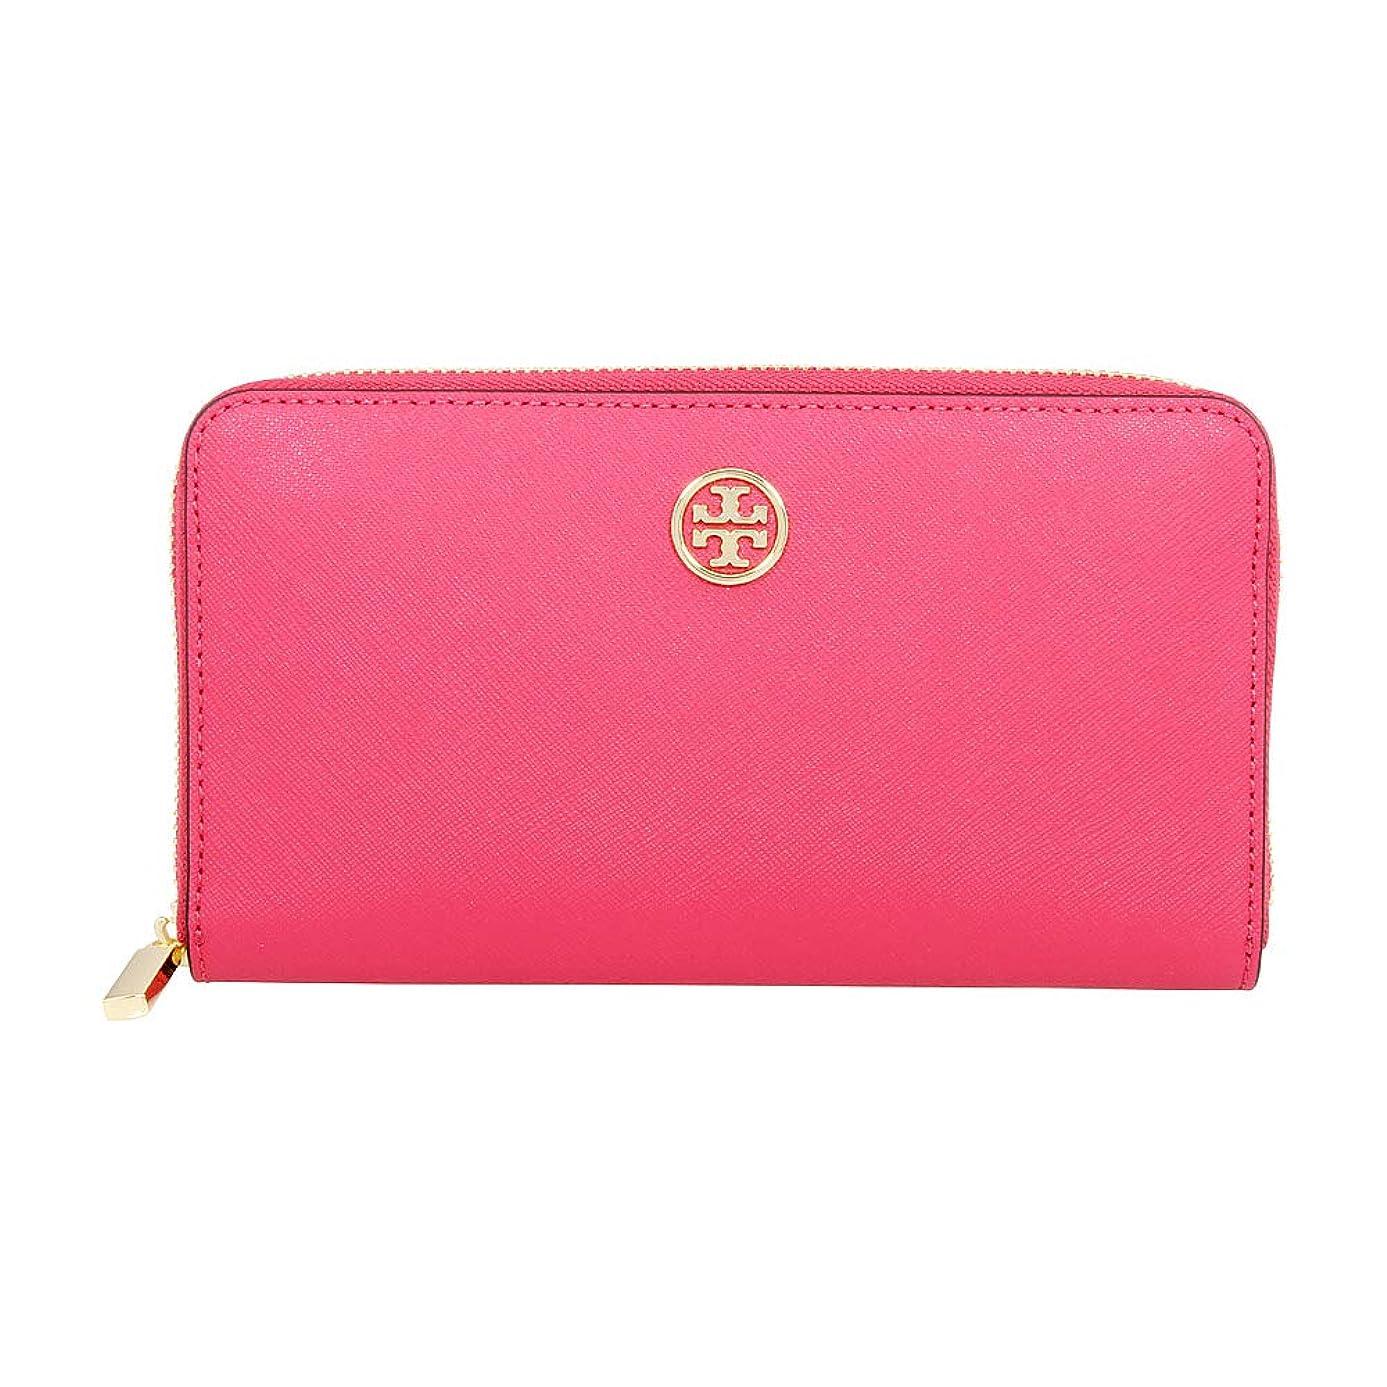 余剰カード散らすTory Burch ACCESSORY レディース US サイズ: L カラー: ピンク